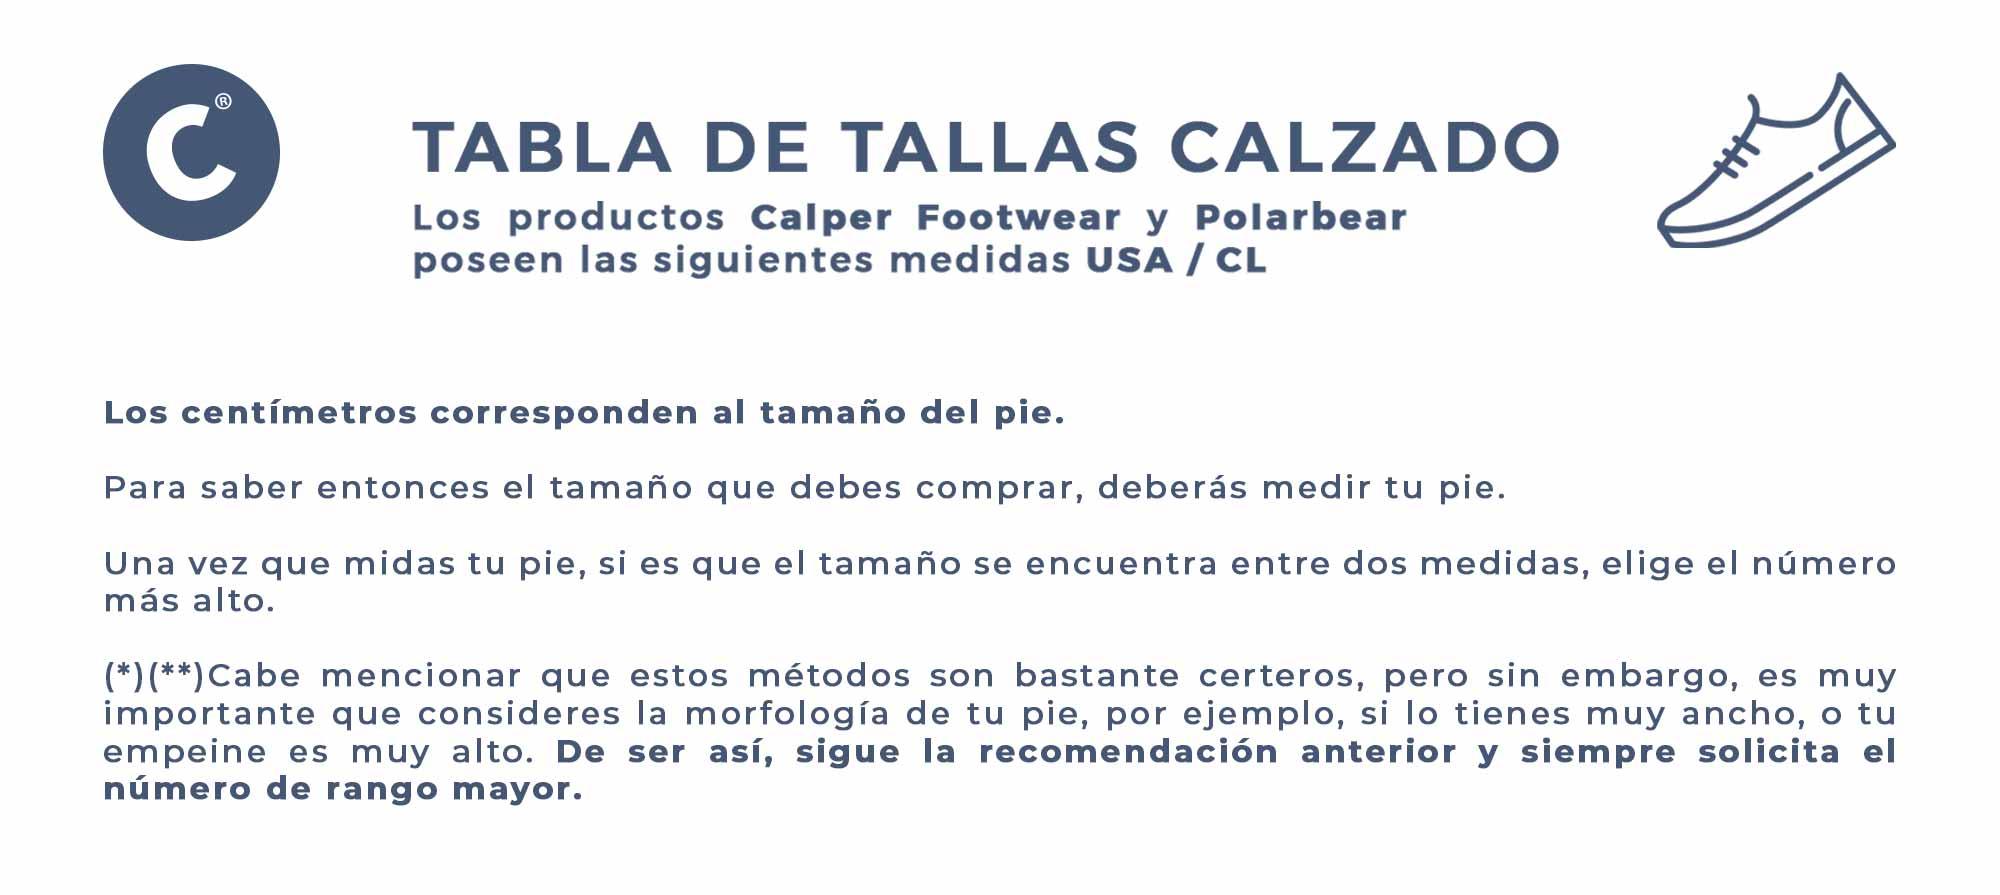 Tallas calzado (1)